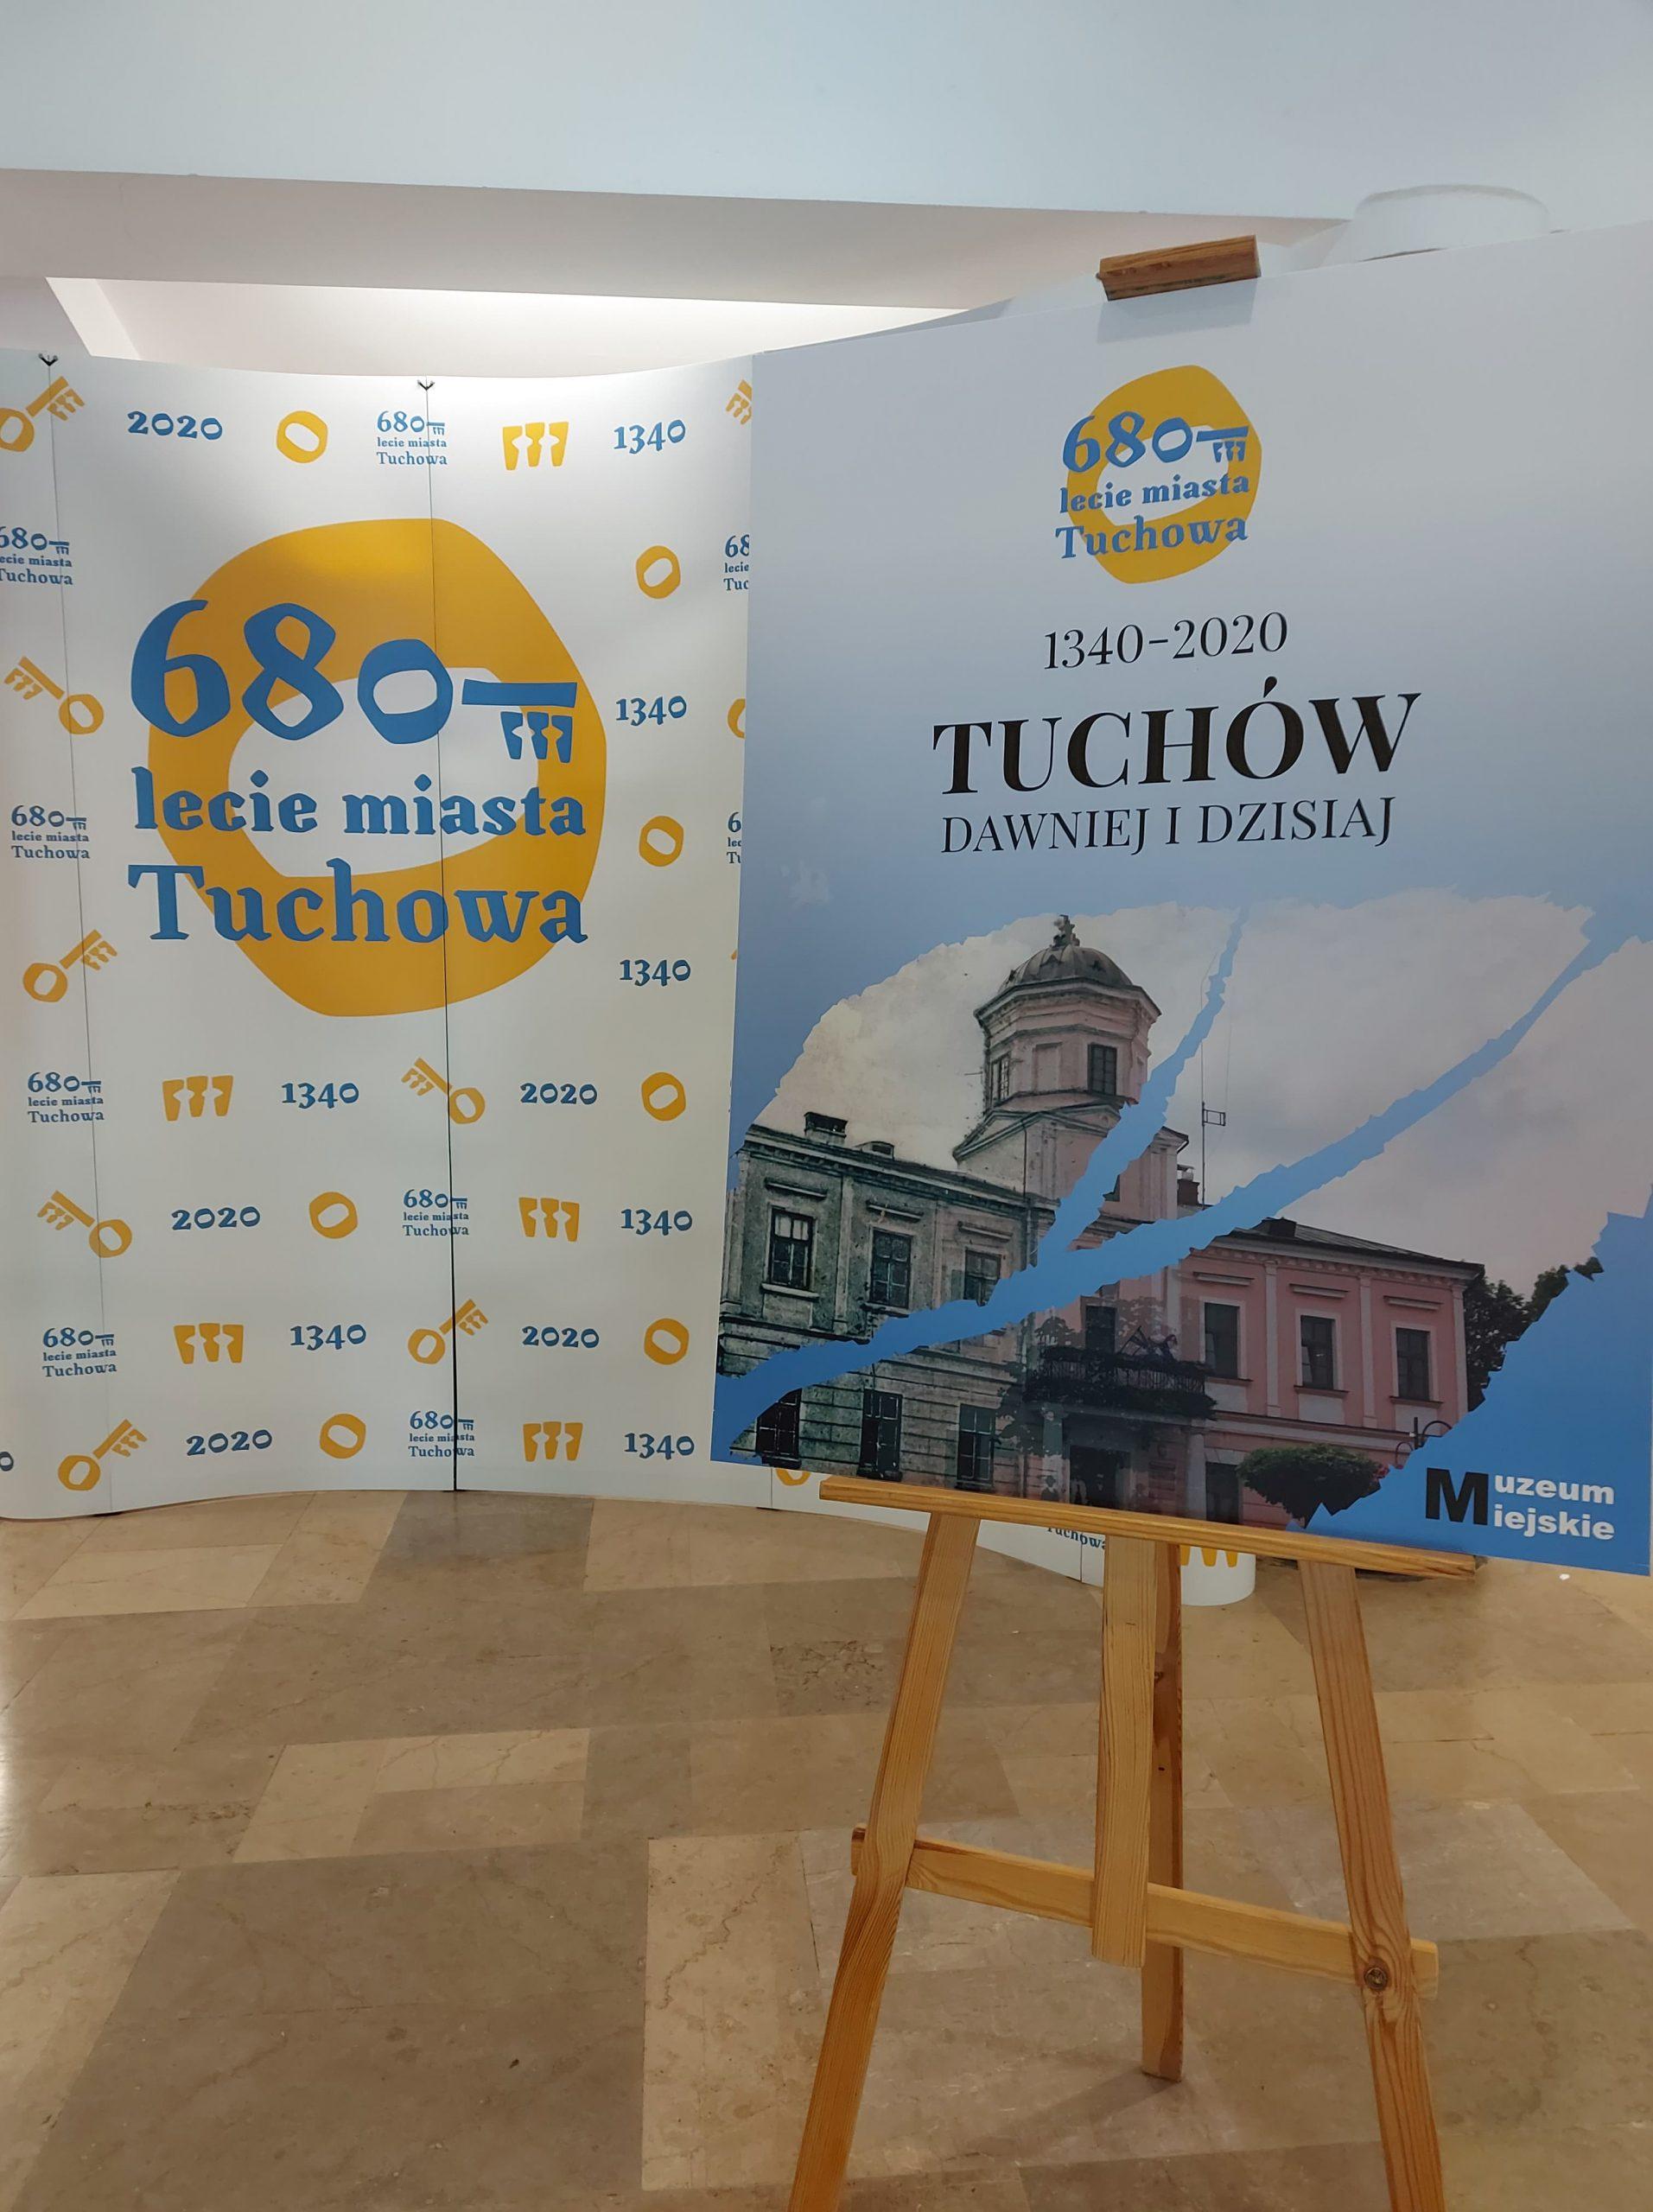 """""""Tuchów dawniej i dzisiaj"""" – wystawa z okazji 680-lecia miasta"""